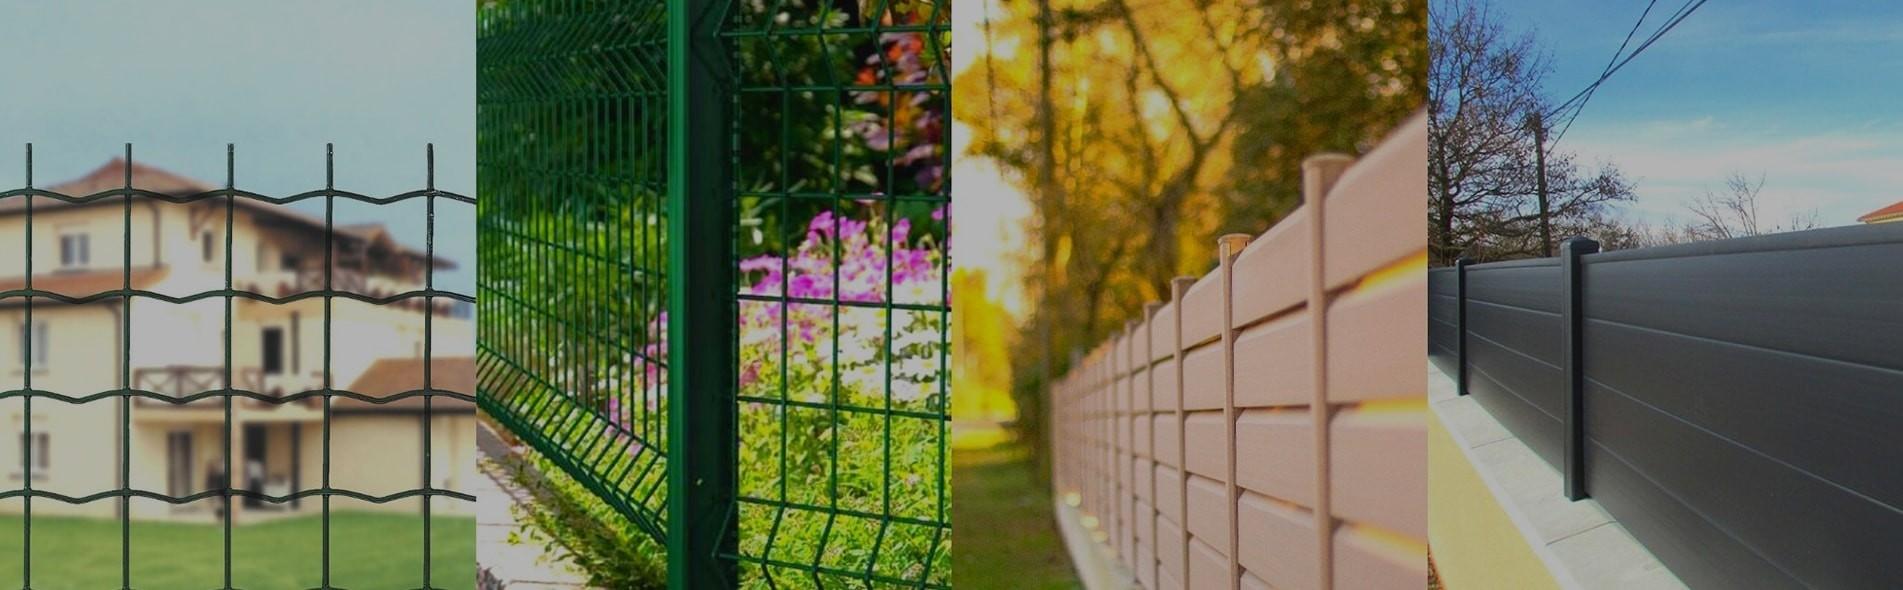 Configurateur pour clôture rigide, souple pvc et aluminium